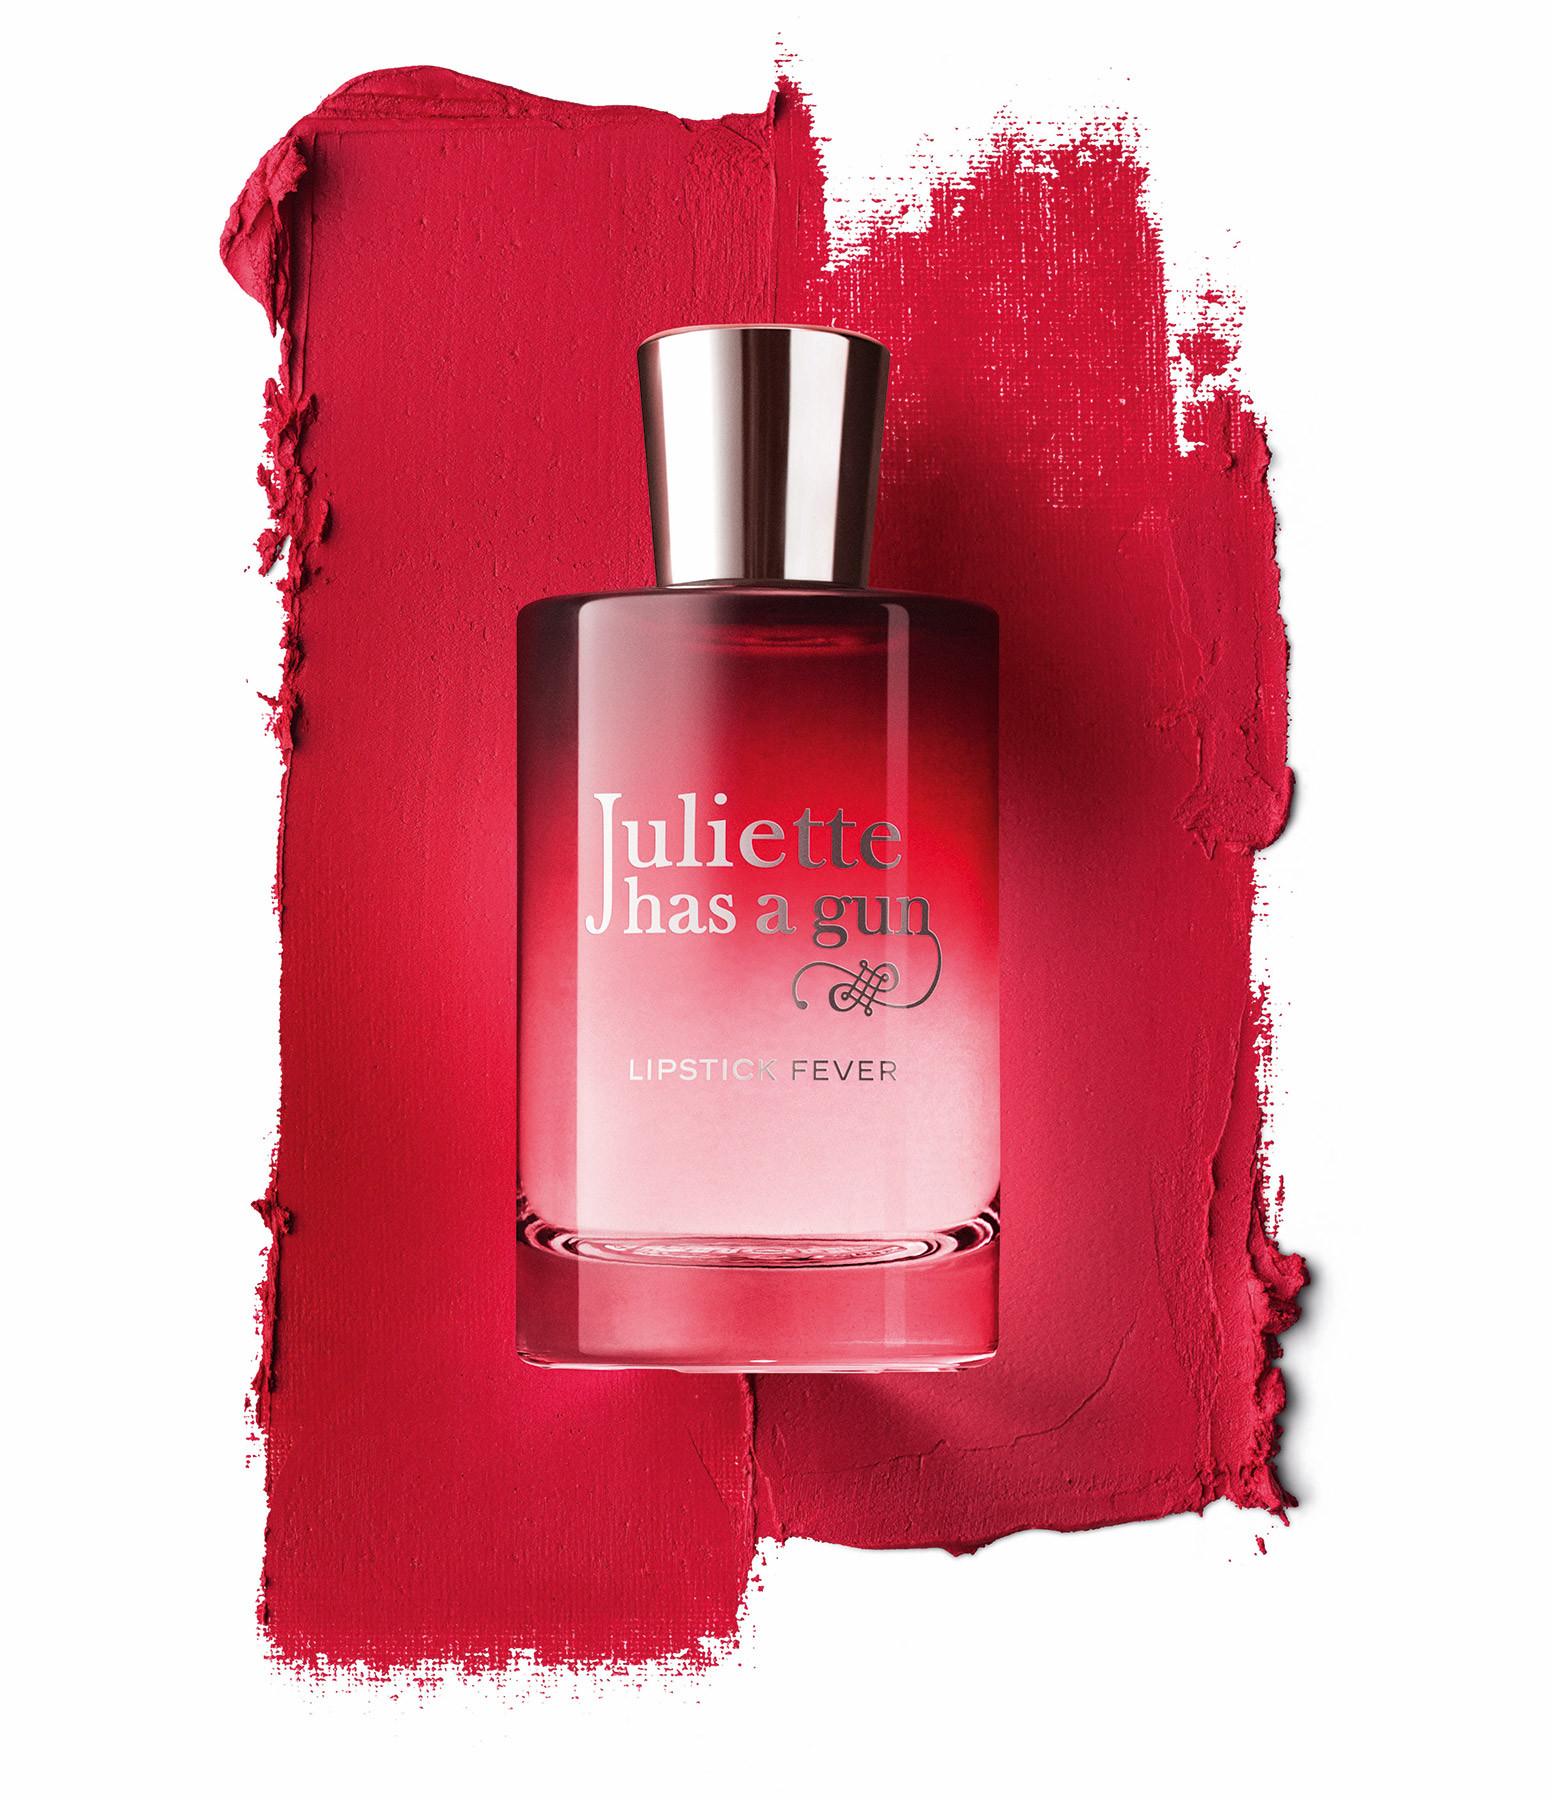 JULIETTE HAS A GUN - Eau de parfum Lipstick Fever 100 ml